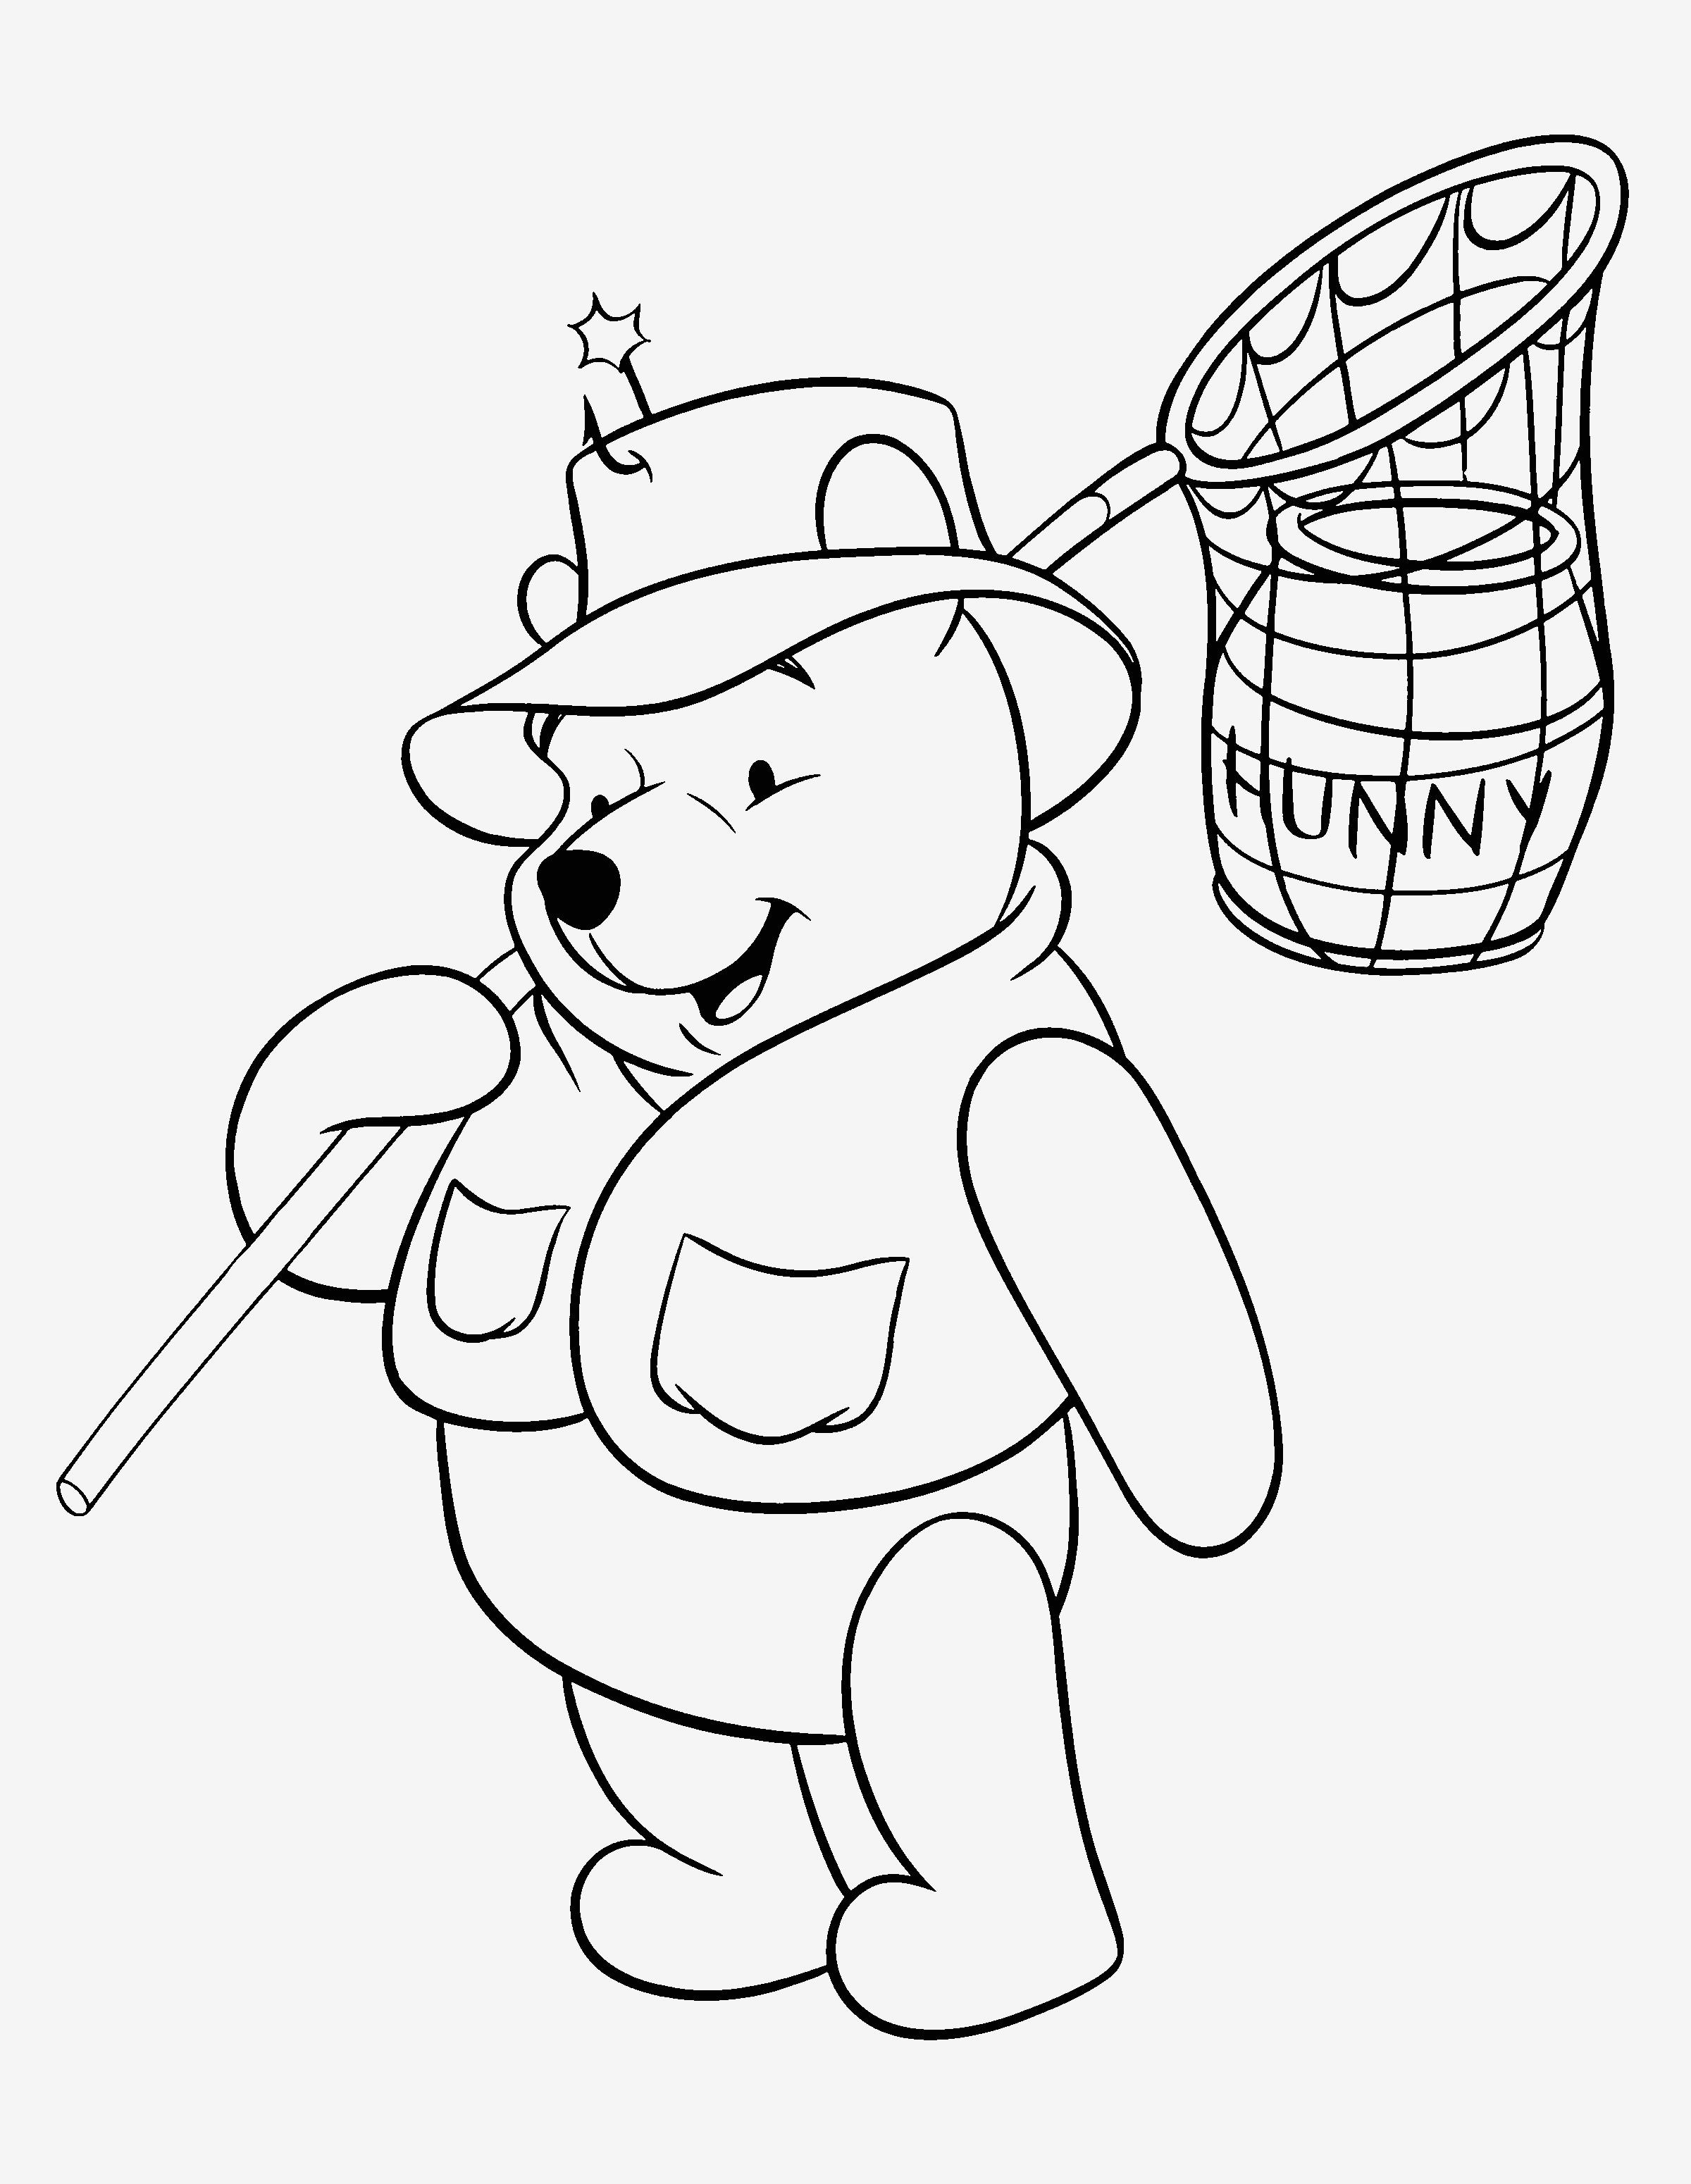 Ausmalbild Winnie Pooh Genial Spannende Coloring Bilder Winnie Puuh Ausmalbilder Bild